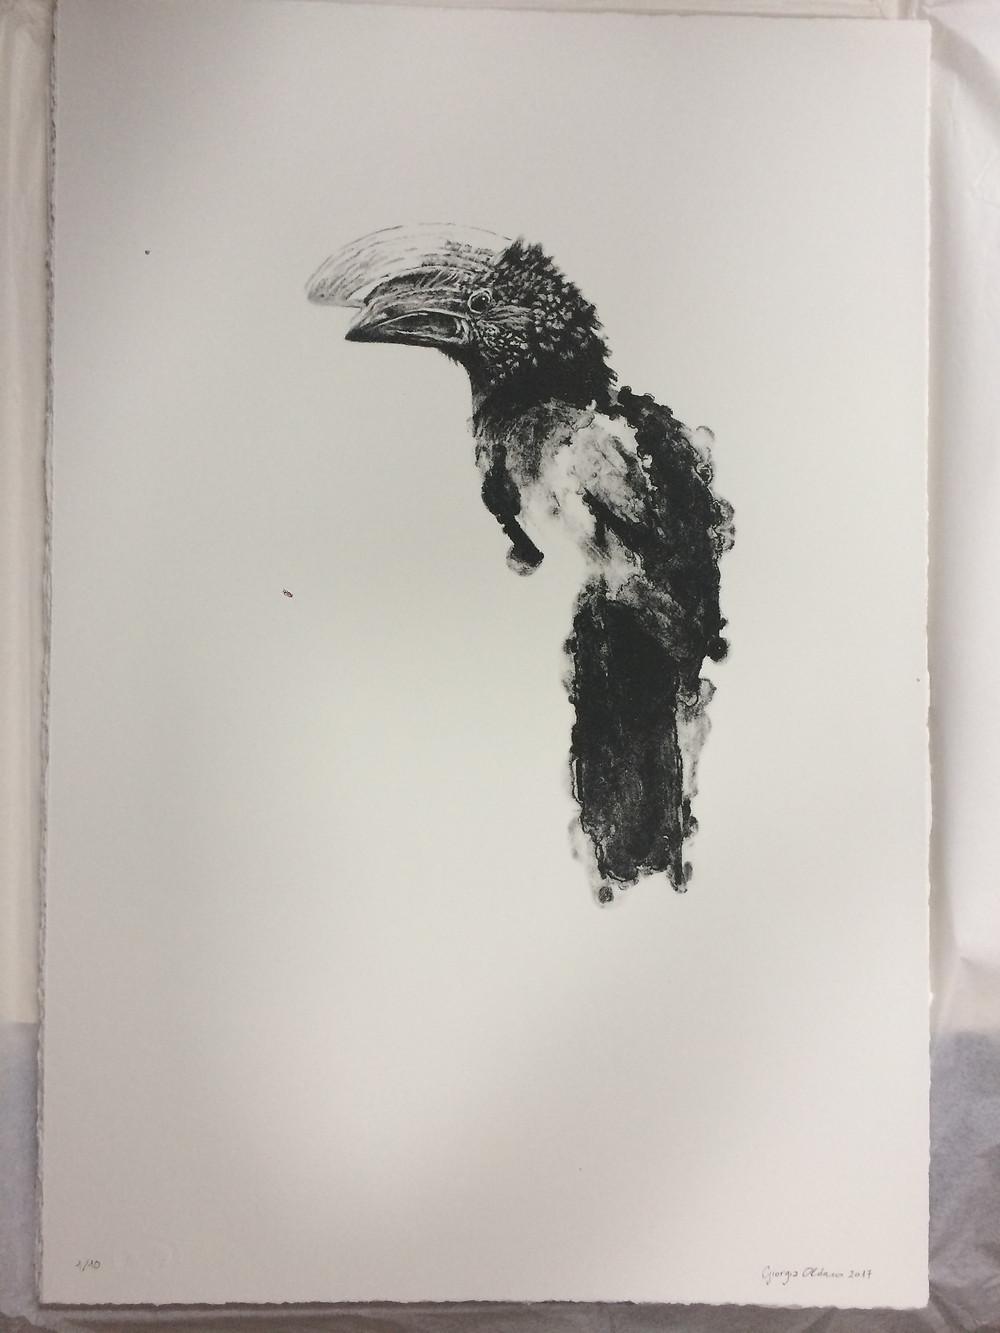 Bucero dalle Guance Argentate, 2017 litografia a un colore; firmata e numerata, cm 52 x 35, edizione limitata a 10 esemplari